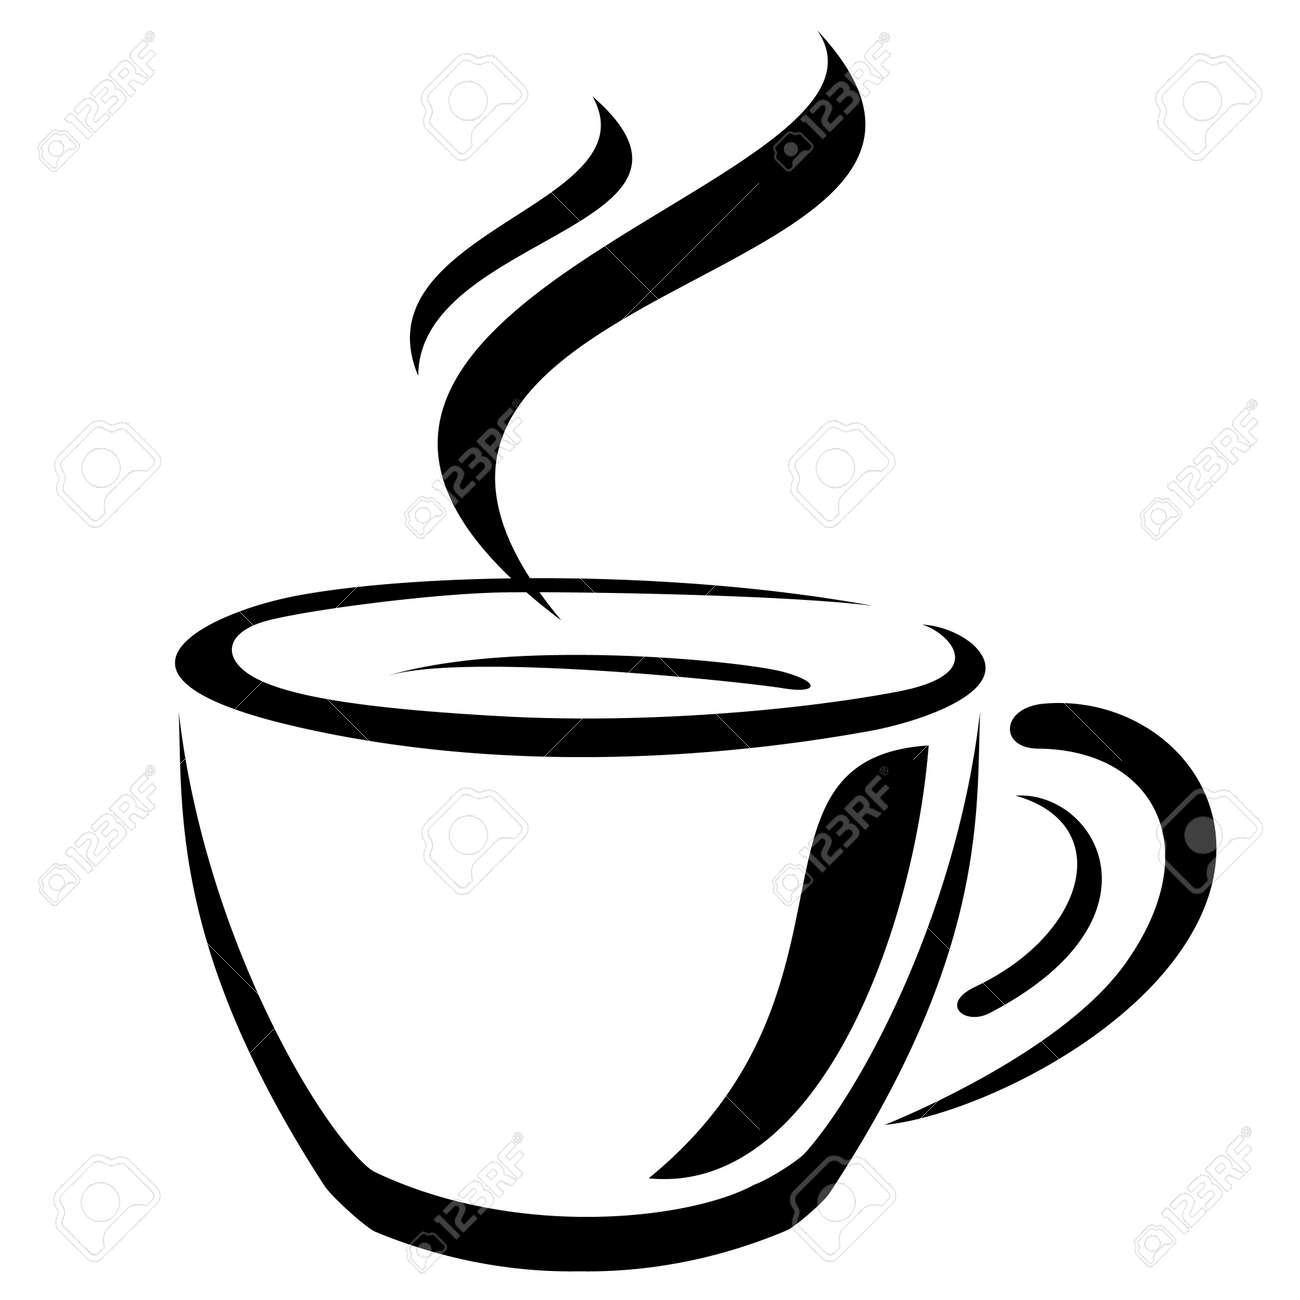 Tasse clipart  šálek Kávy Royalty Free Kliparty, Vektory A Ilustrace. Image 13481500.